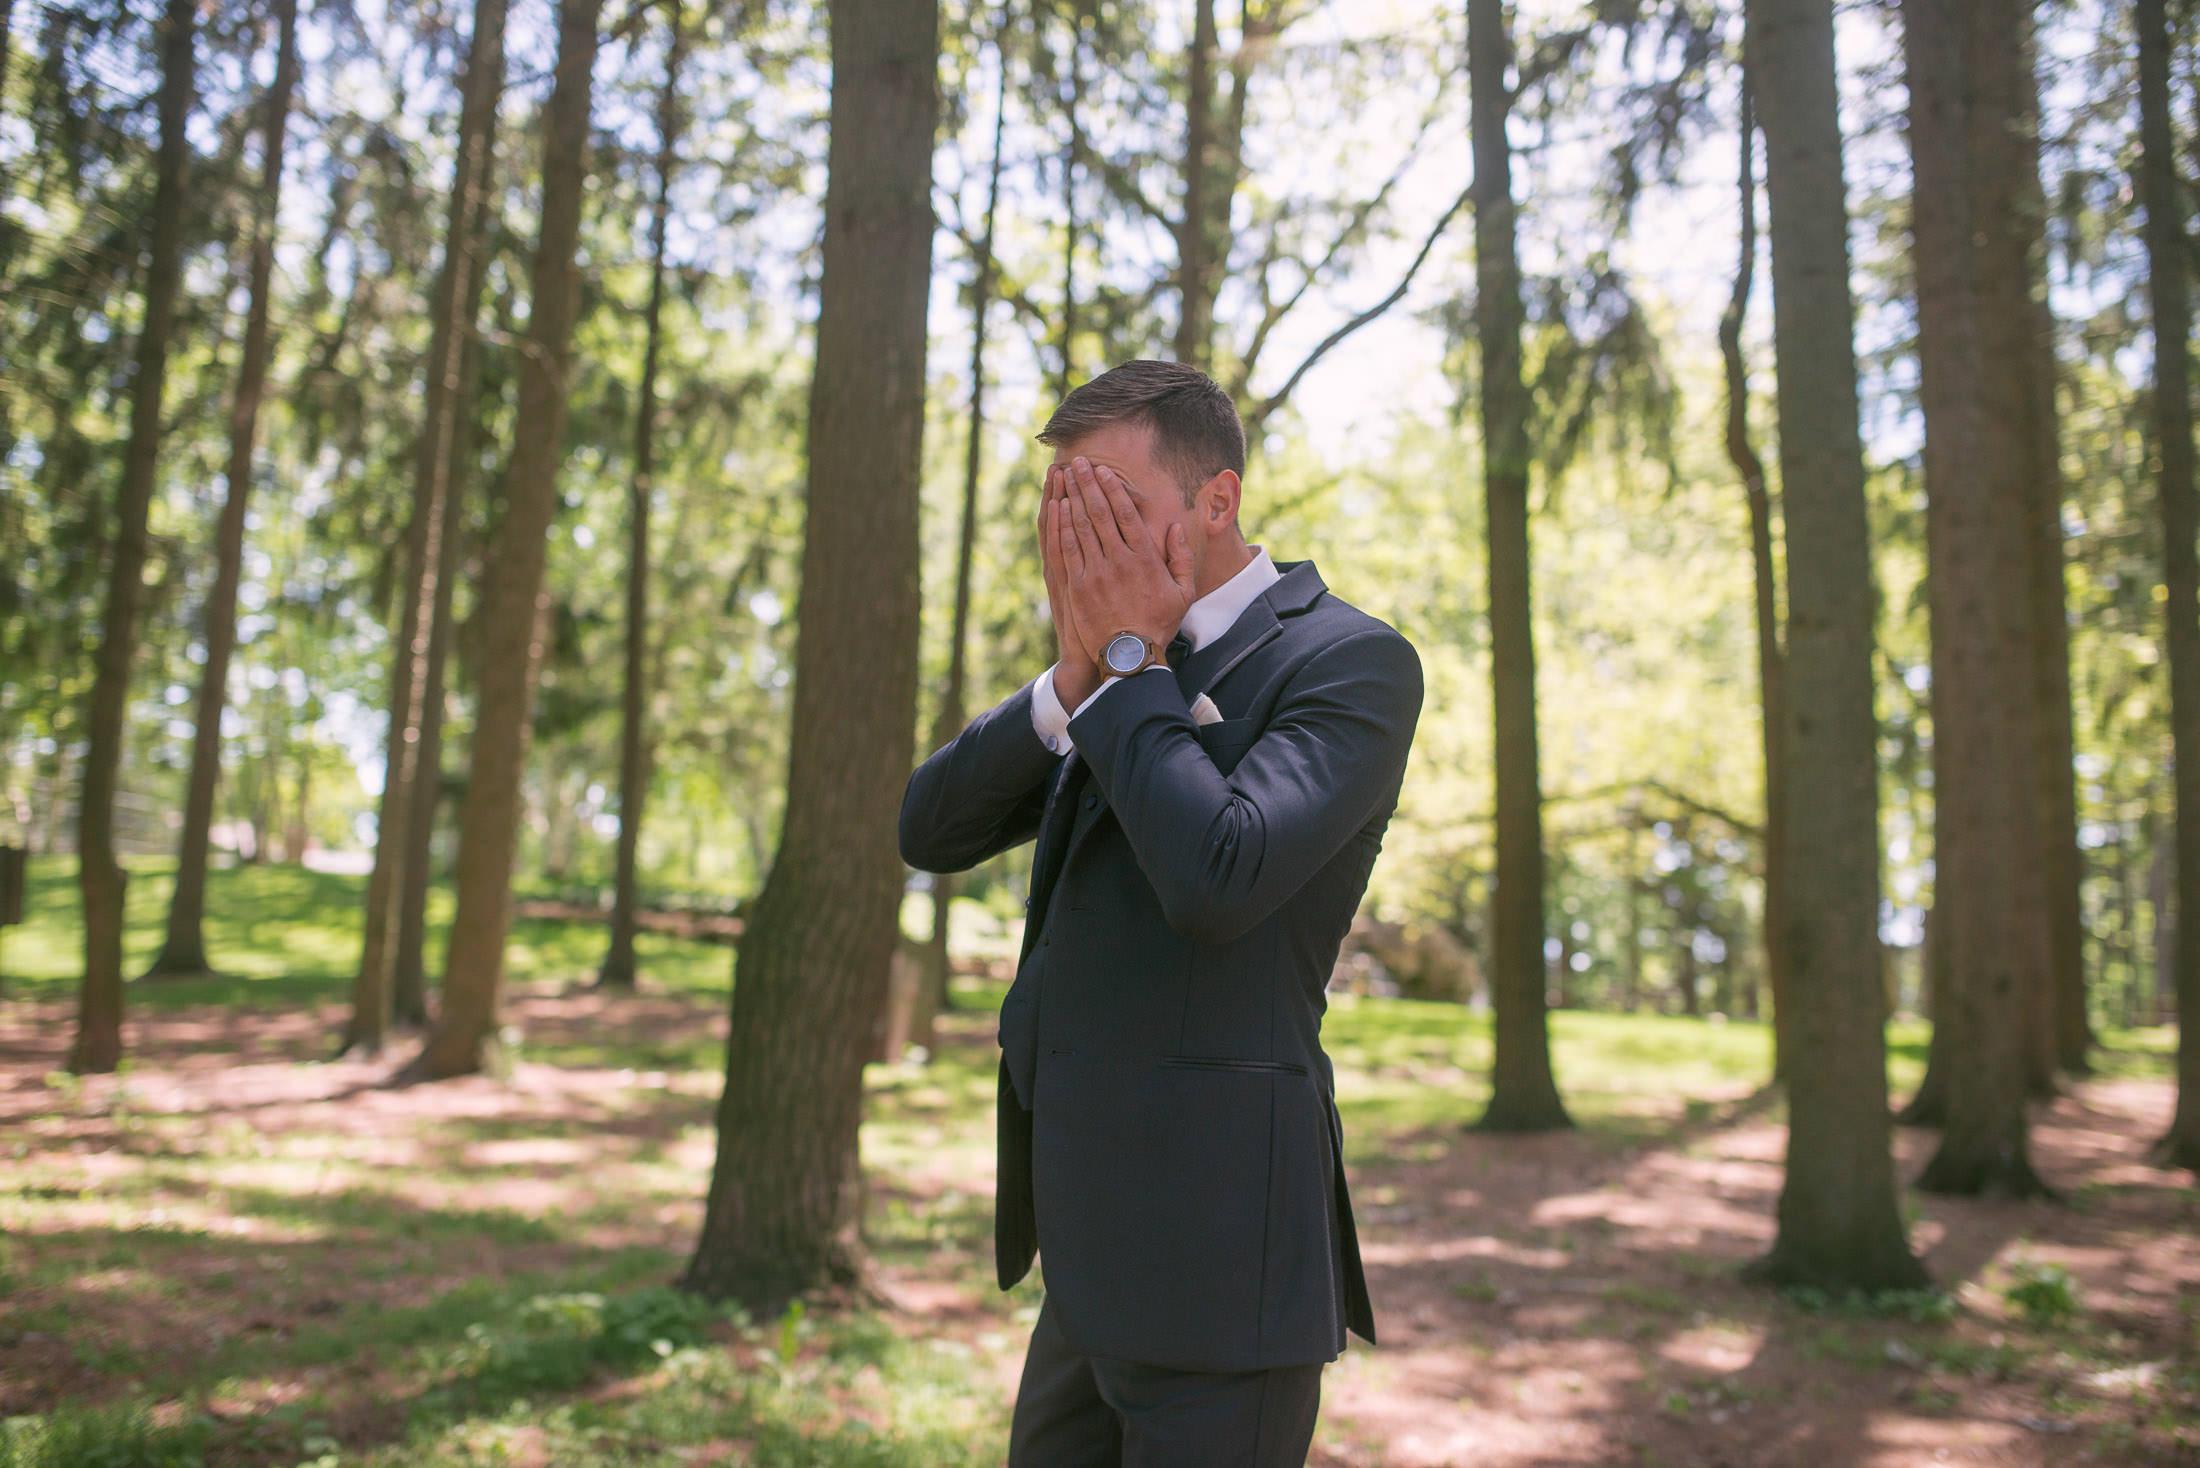 groom-first-look-reveal